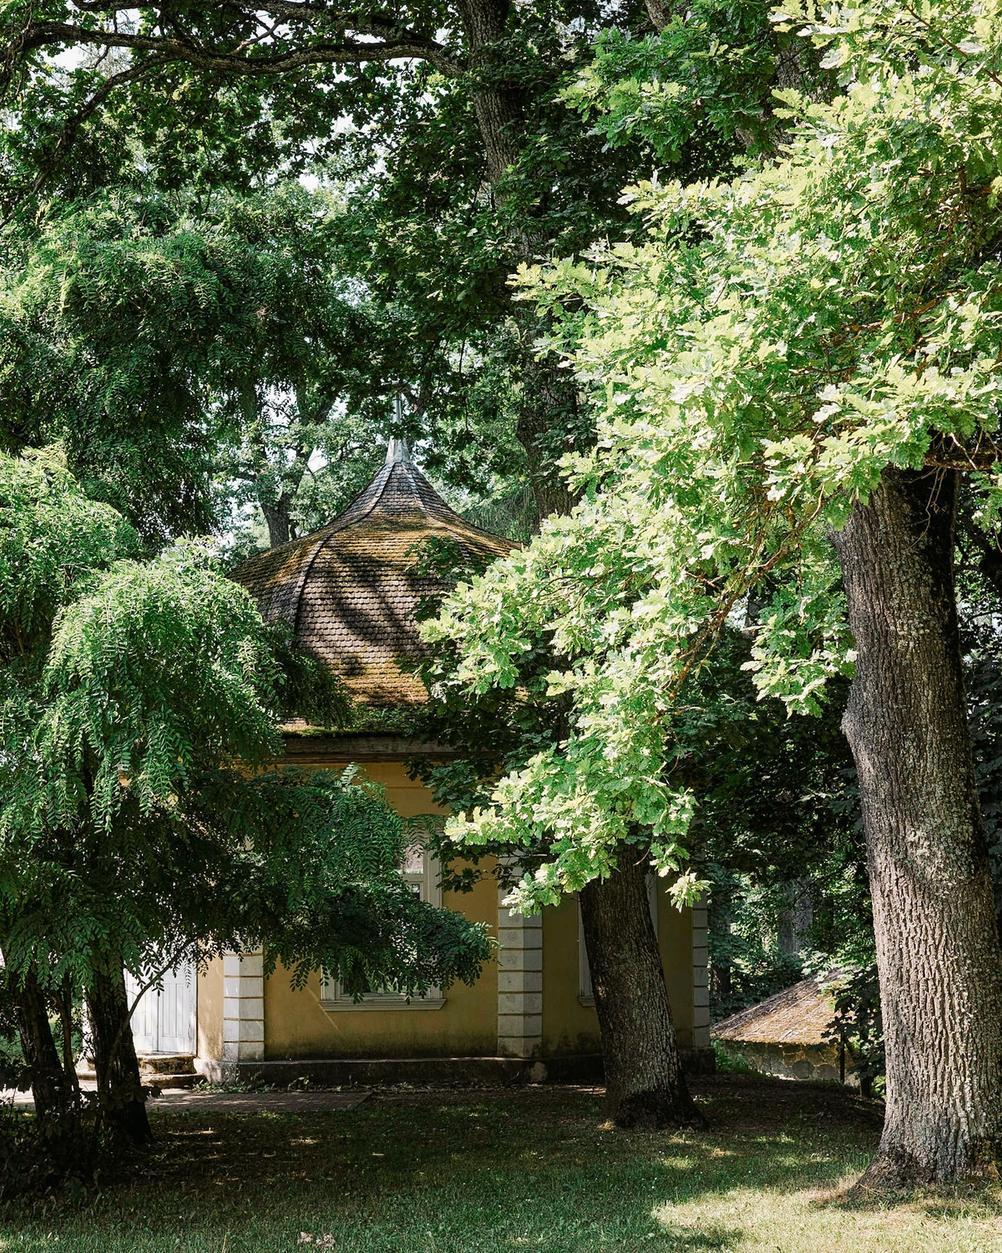 Photo of a weird building hidden in trees.